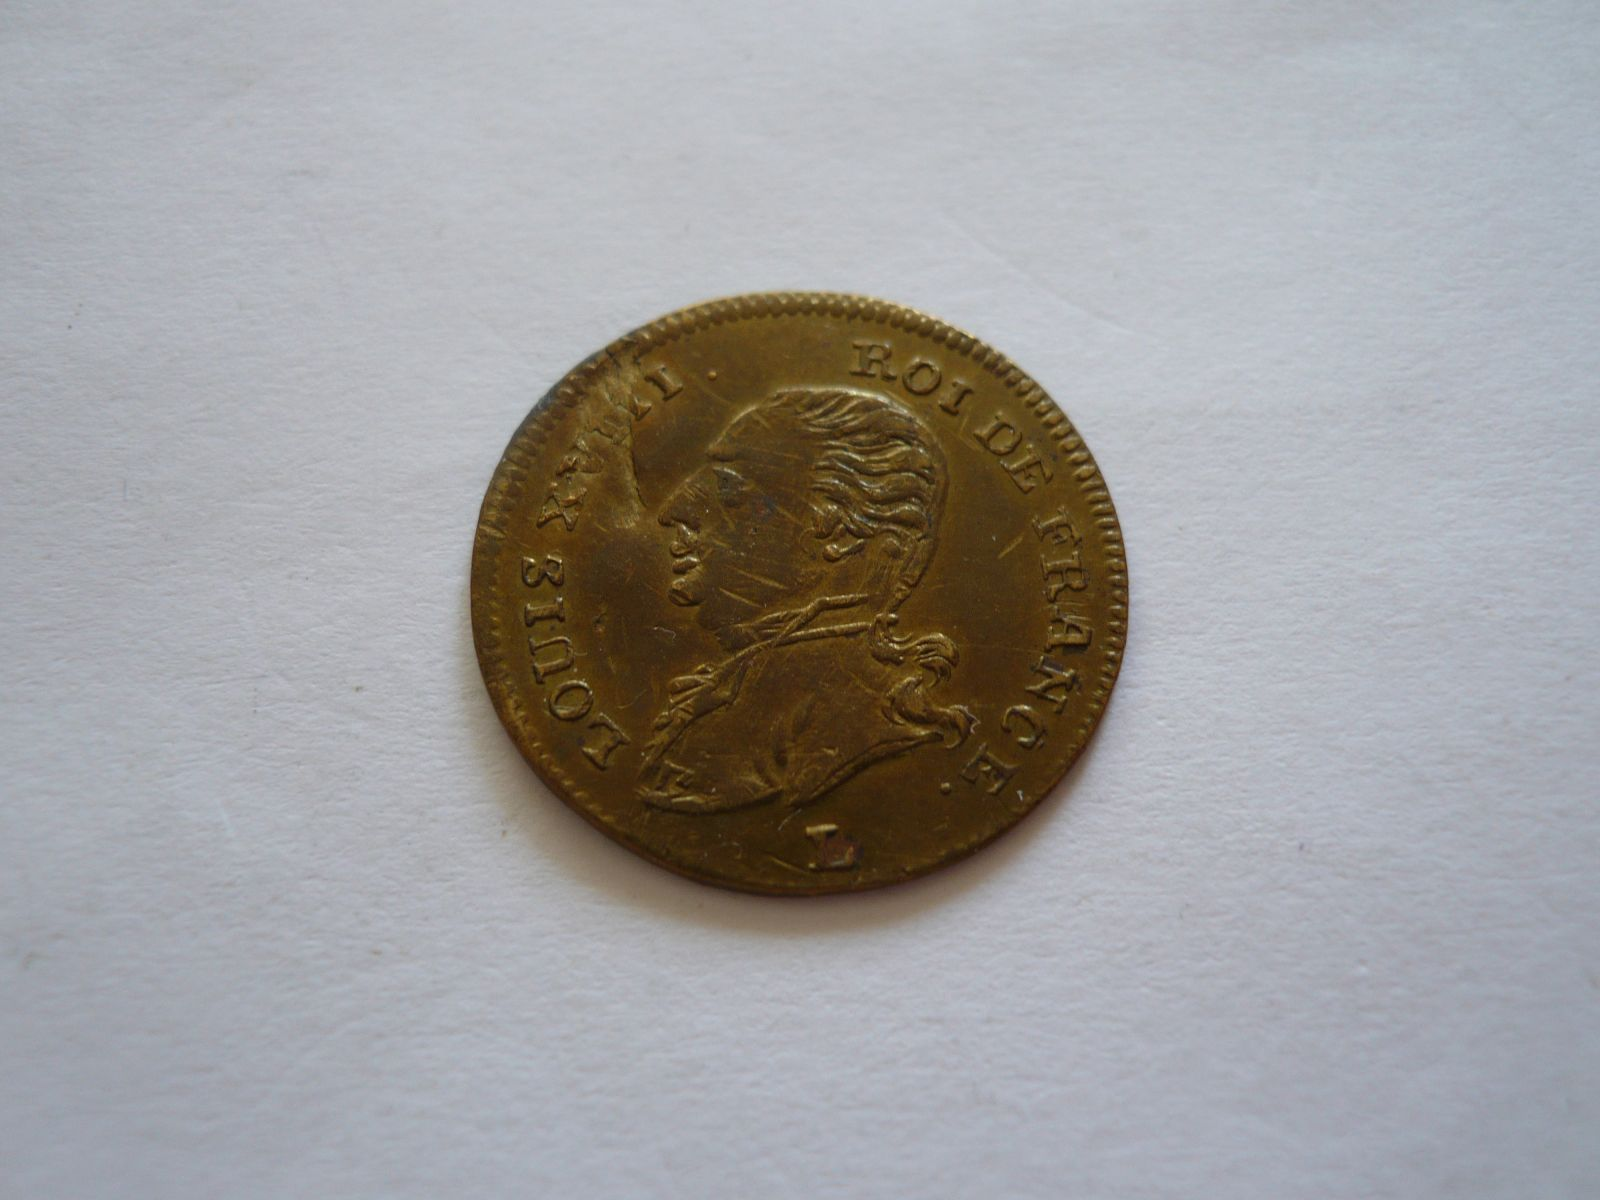 žeton Ludvík XVIII. Francie